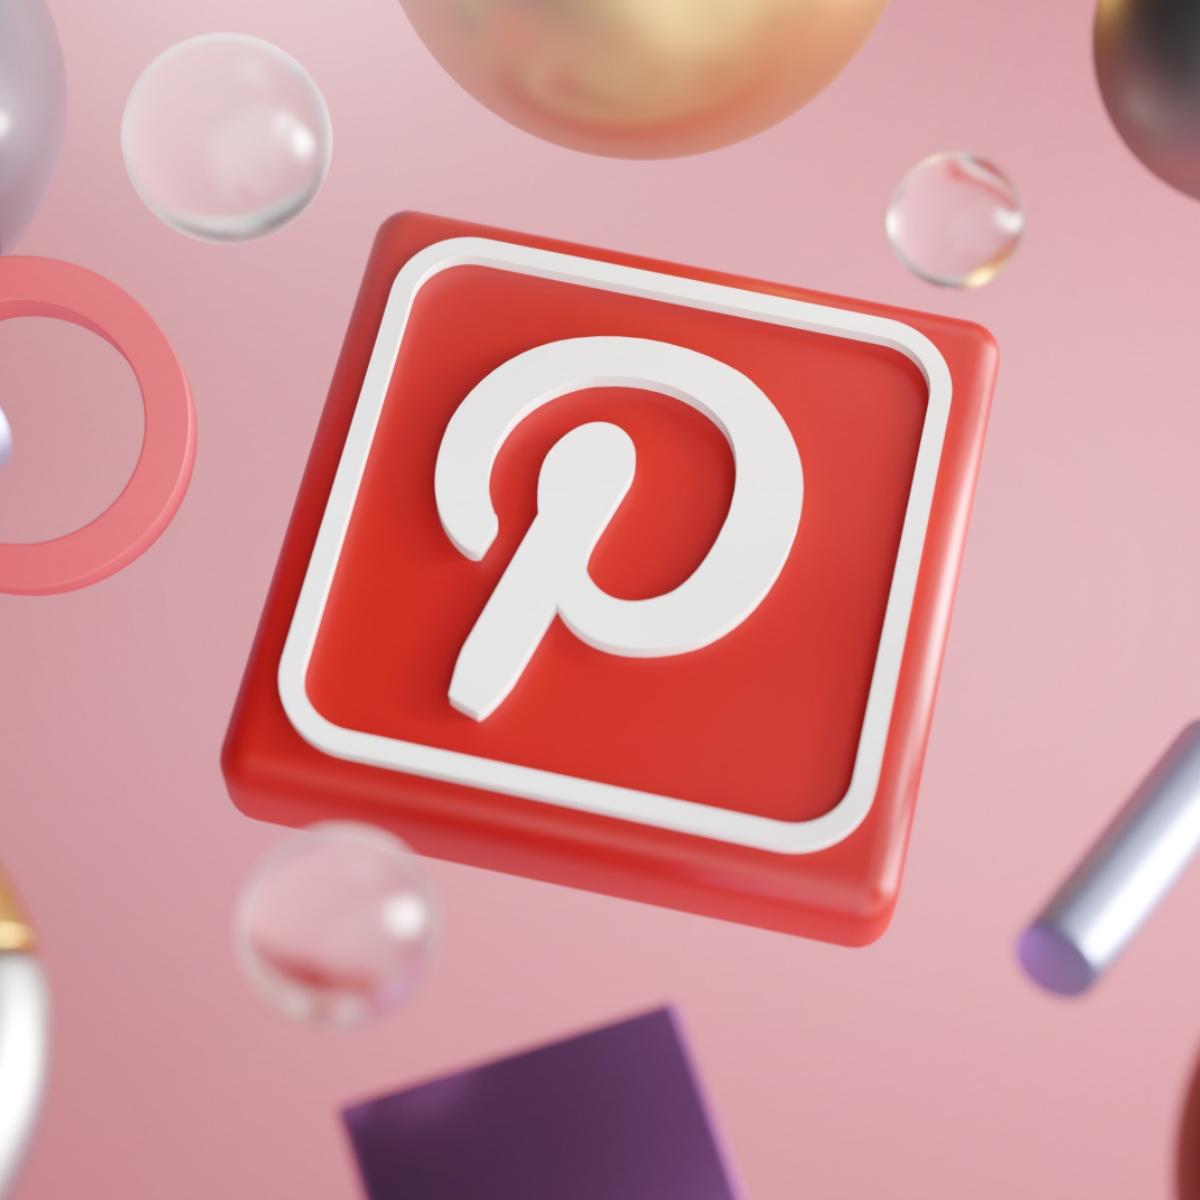 stylink, vergütungs-plattform, influencer, instagram geld verdienen, youtube geld verdienen, pinterest bildgrößen